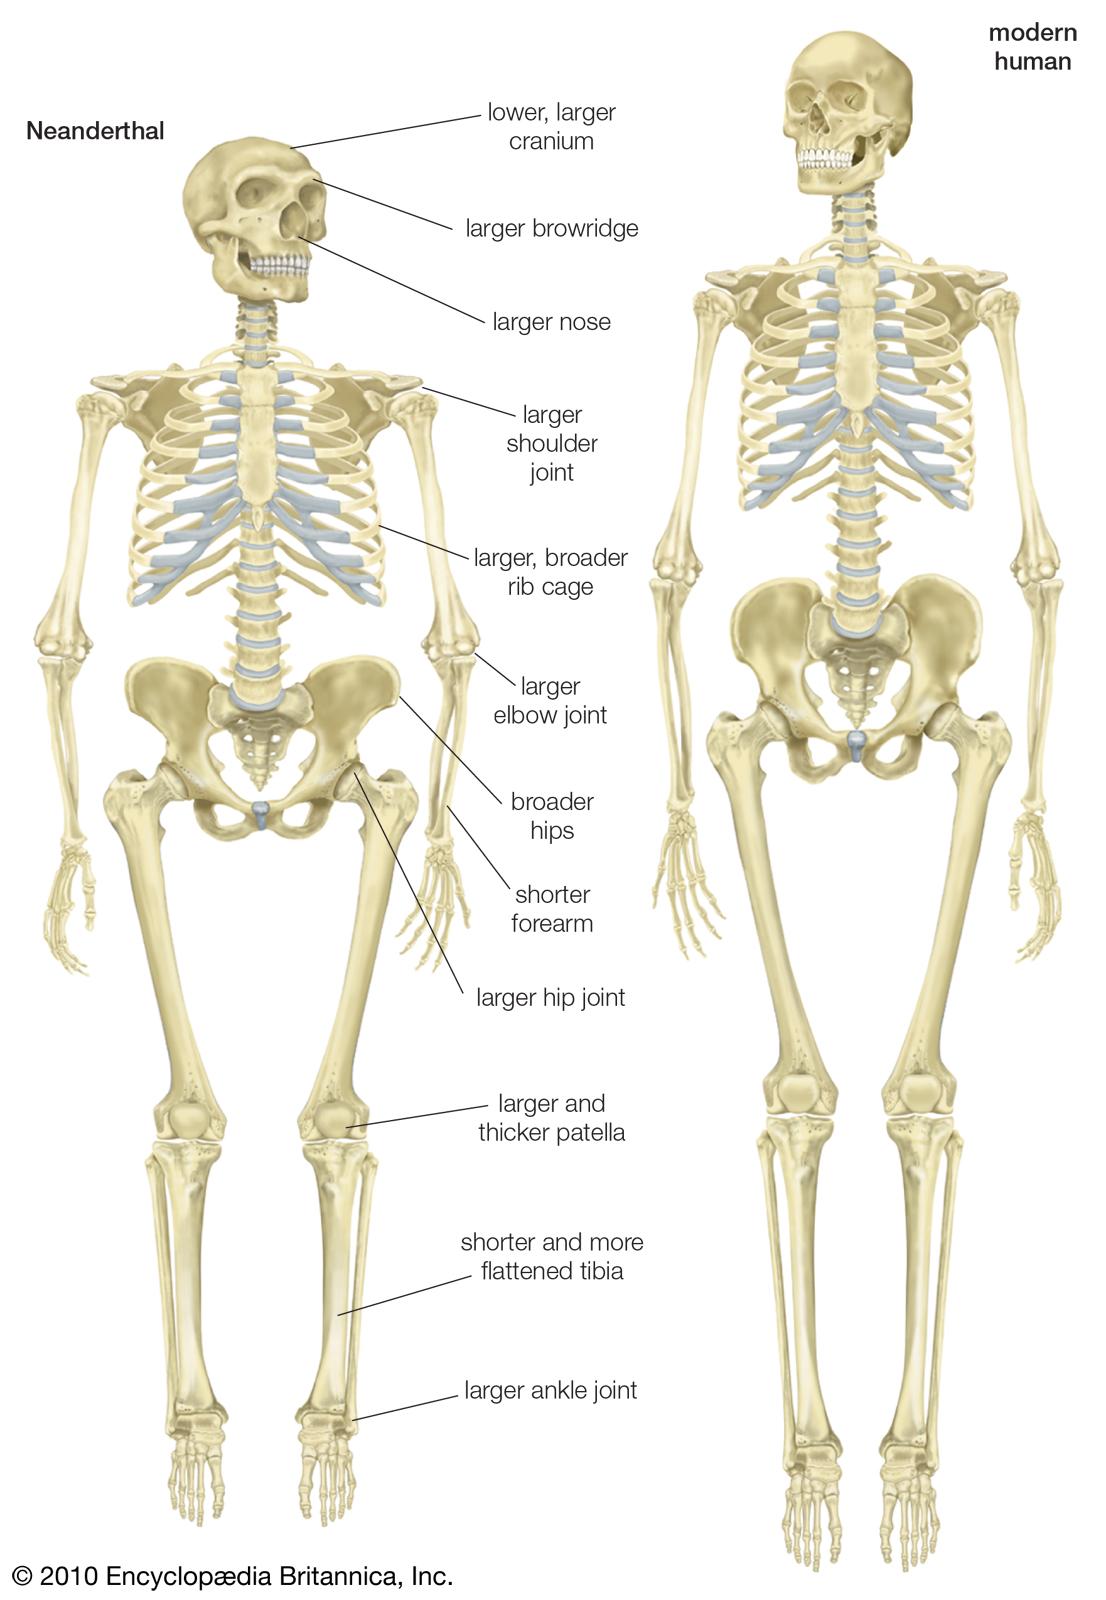 chimpanzee skull diagram axxess gmos 04 wiring histoire d 39espagne la prehistoria en península ibérica